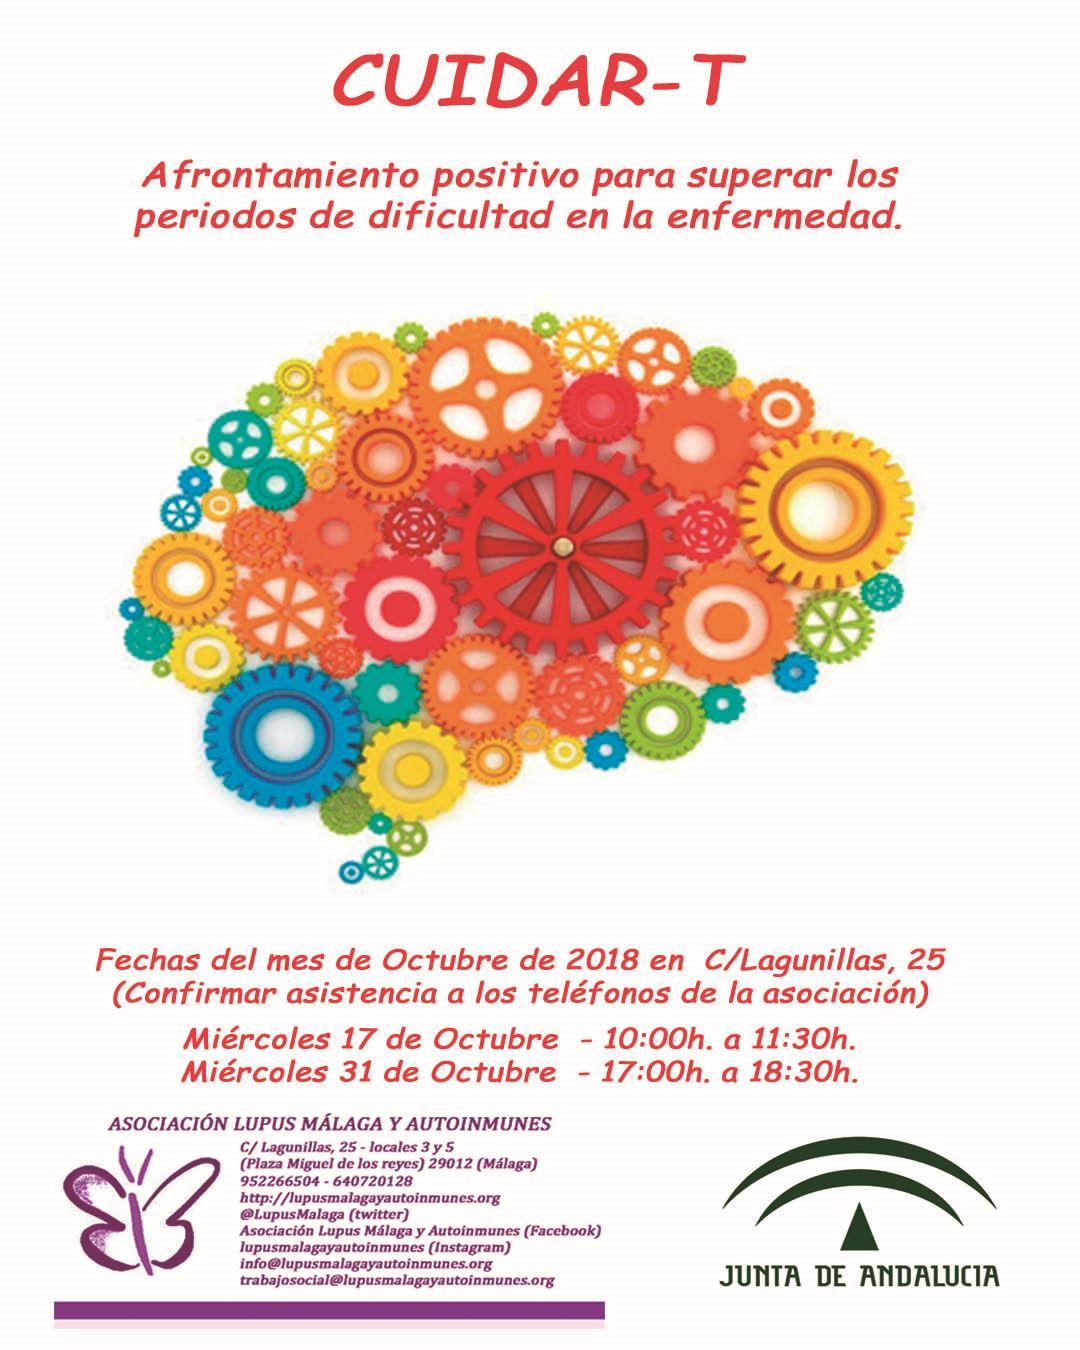 CUIDAR-T Taller de afrontamiento positivo para superar periodos de dificultad en la enfermedad.